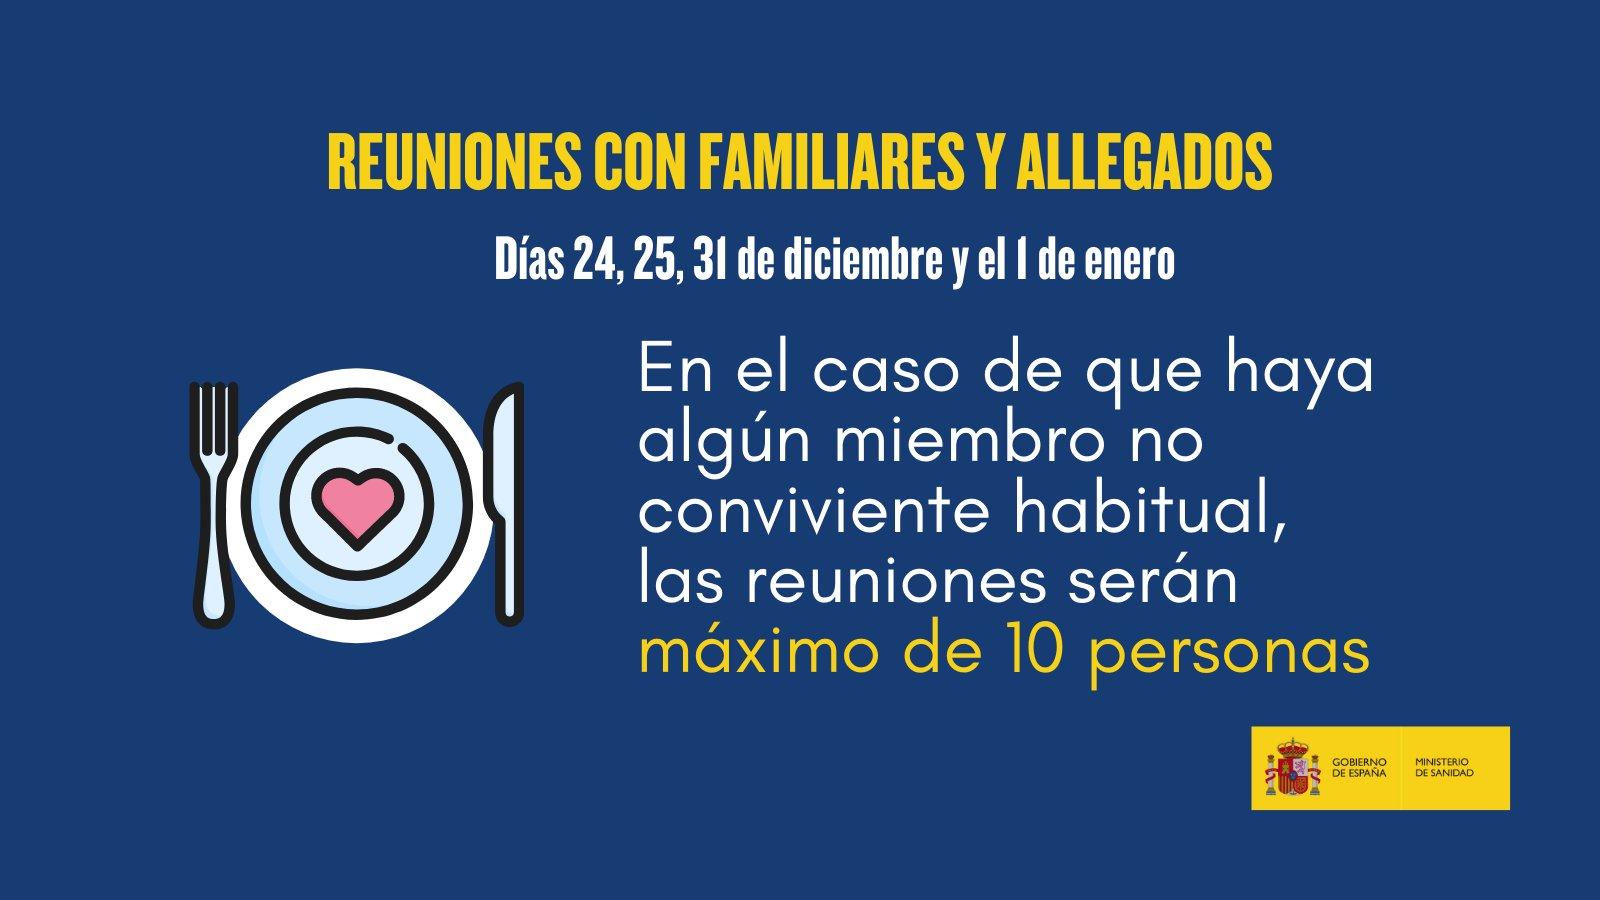 Navidad Covid, medidas, restricciones y recomendaciones de Sanidad en Andalucía - reuniones familiares y allegados máximo 10 personas